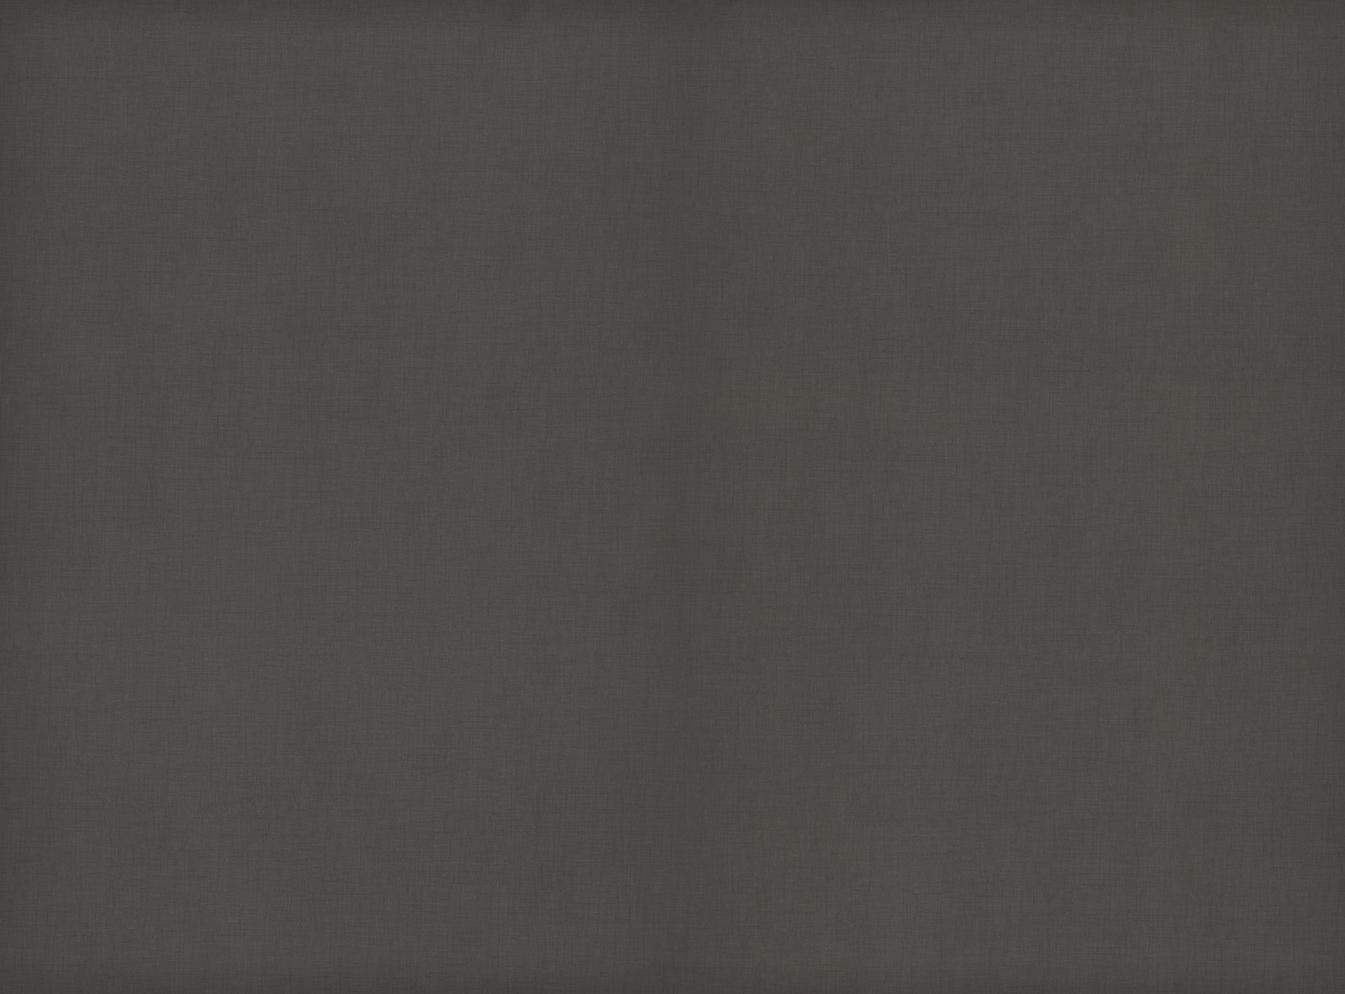 Лента AБC FA46 45/1 Penelope